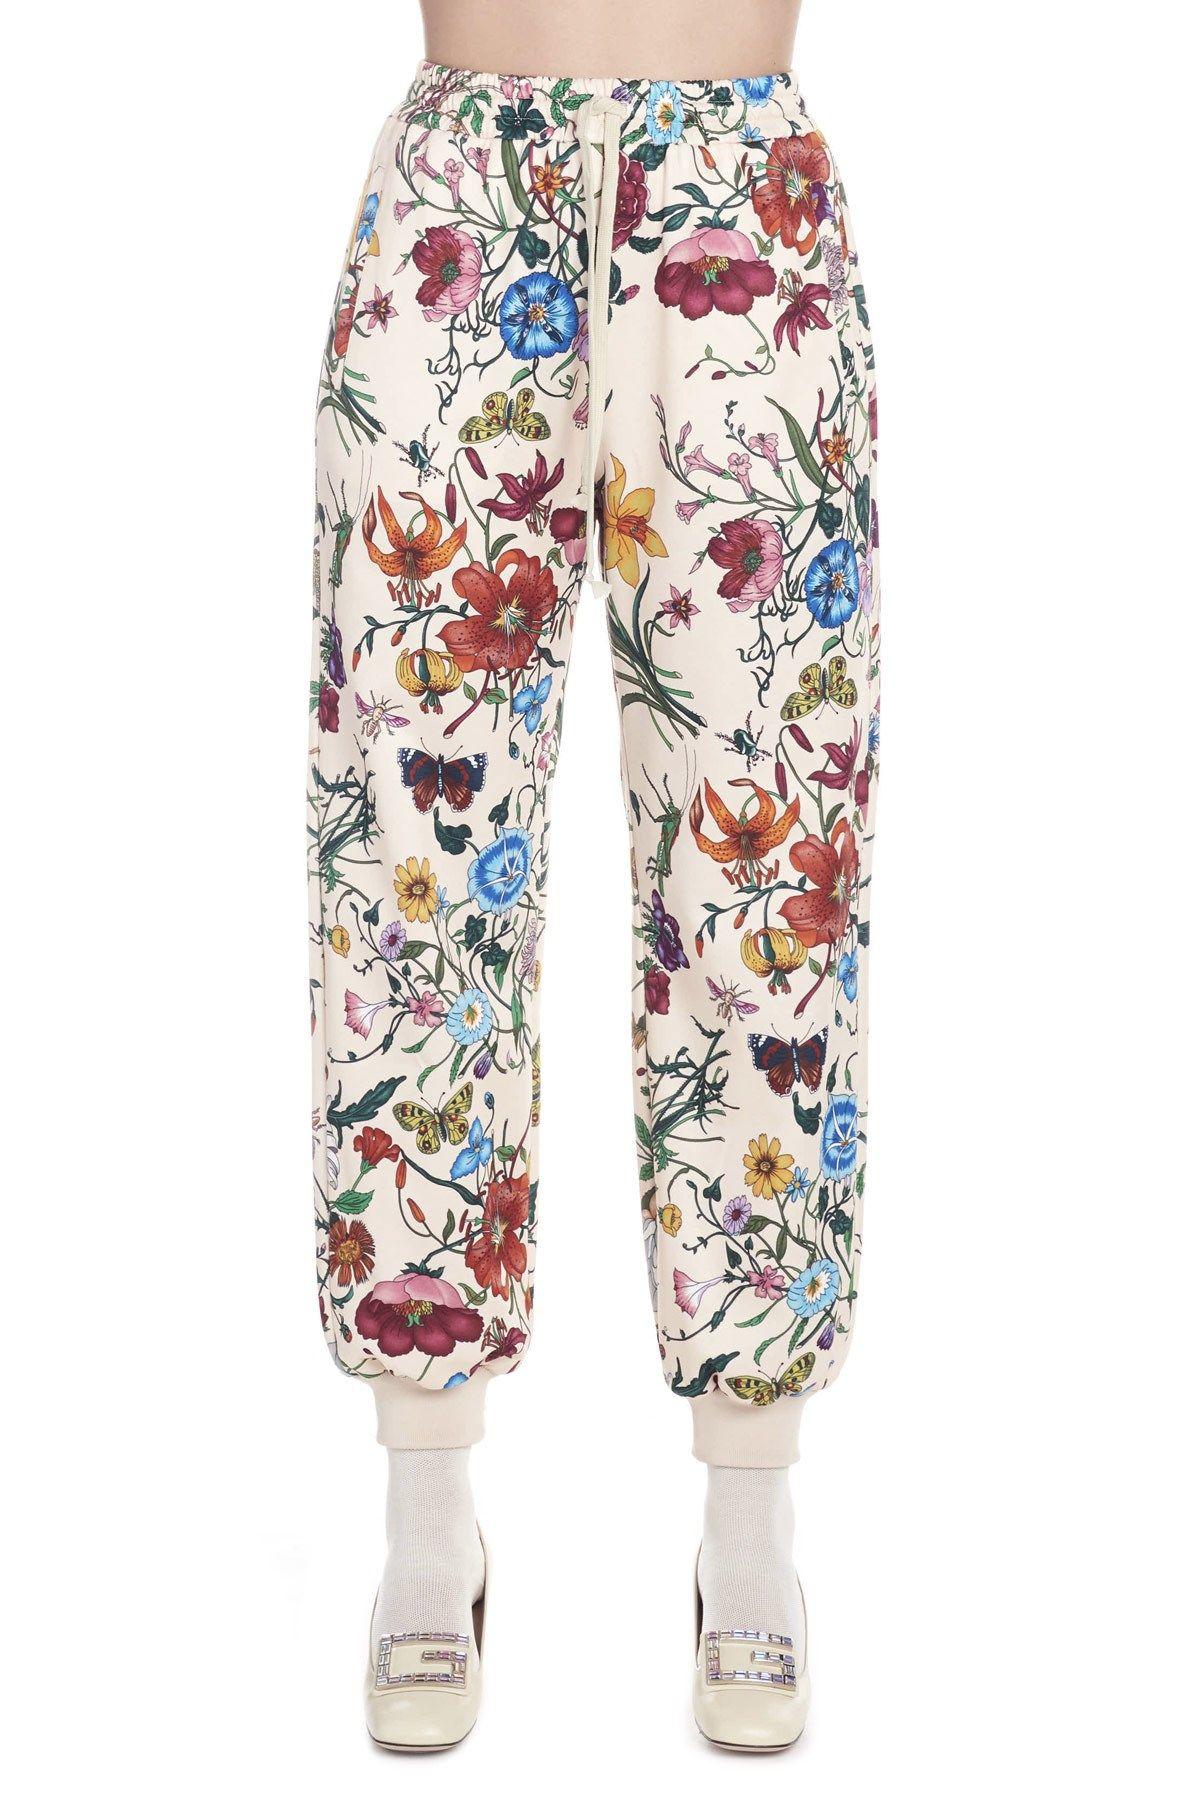 bfbef02e284c2 Gucci Women's 550650Xjam09381 White Cotton Joggers In Neutrals ...